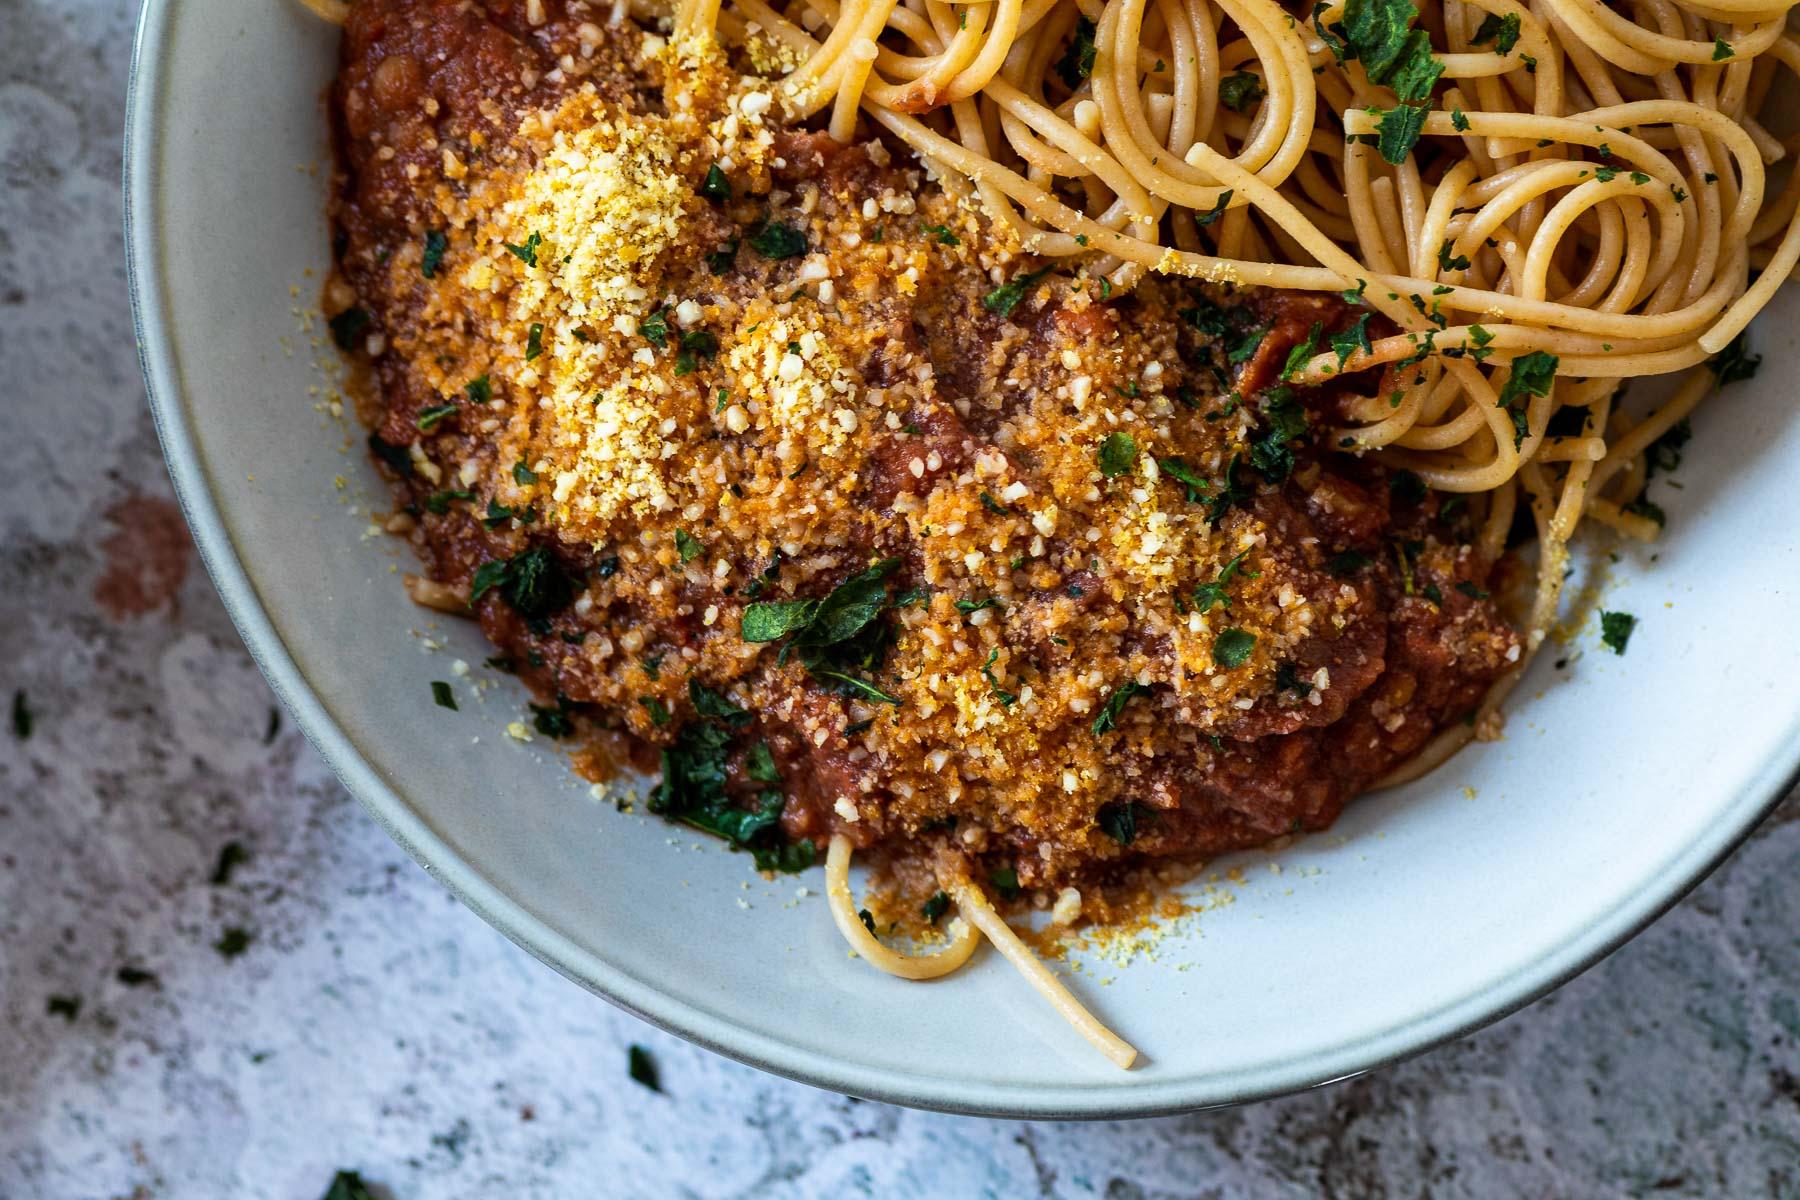 Nahaufnahme einer halben Schüssel mit Spaghetti und Bolognese-Sauce